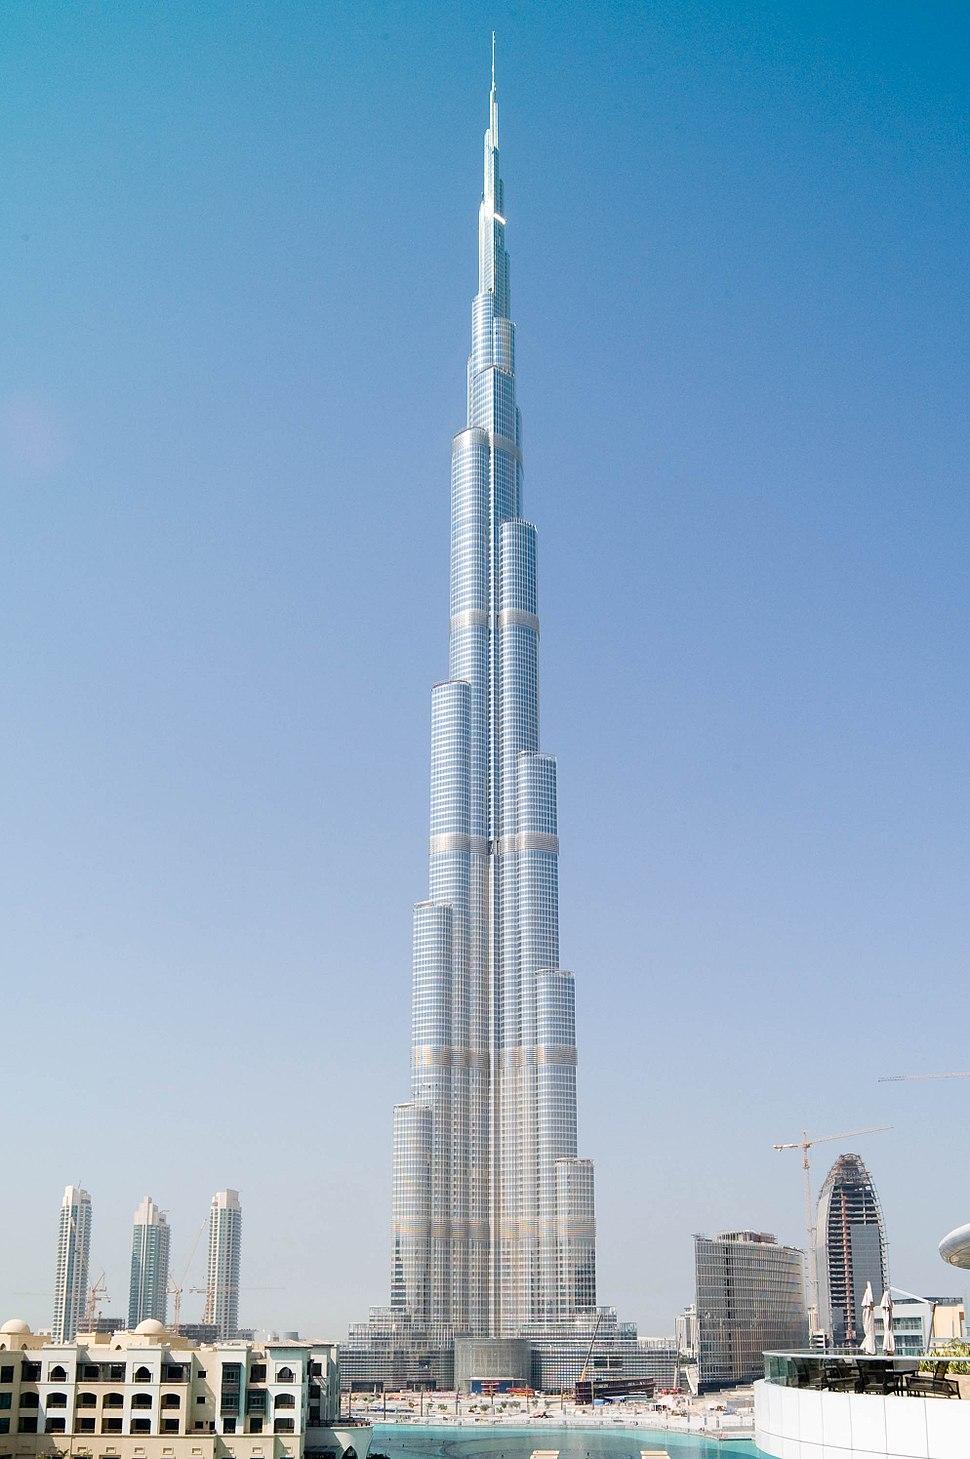 Burj Khalifa FairUse